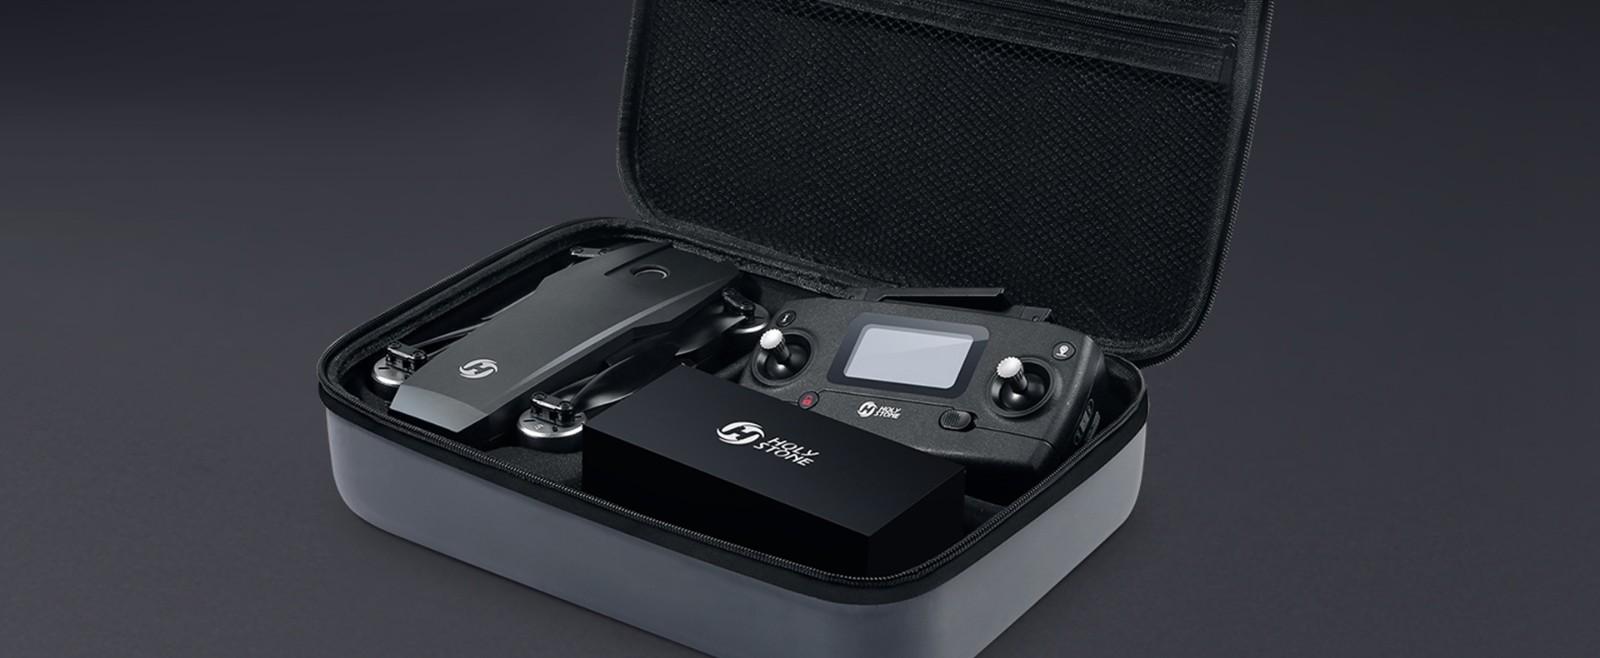 HS720E-box.jpg